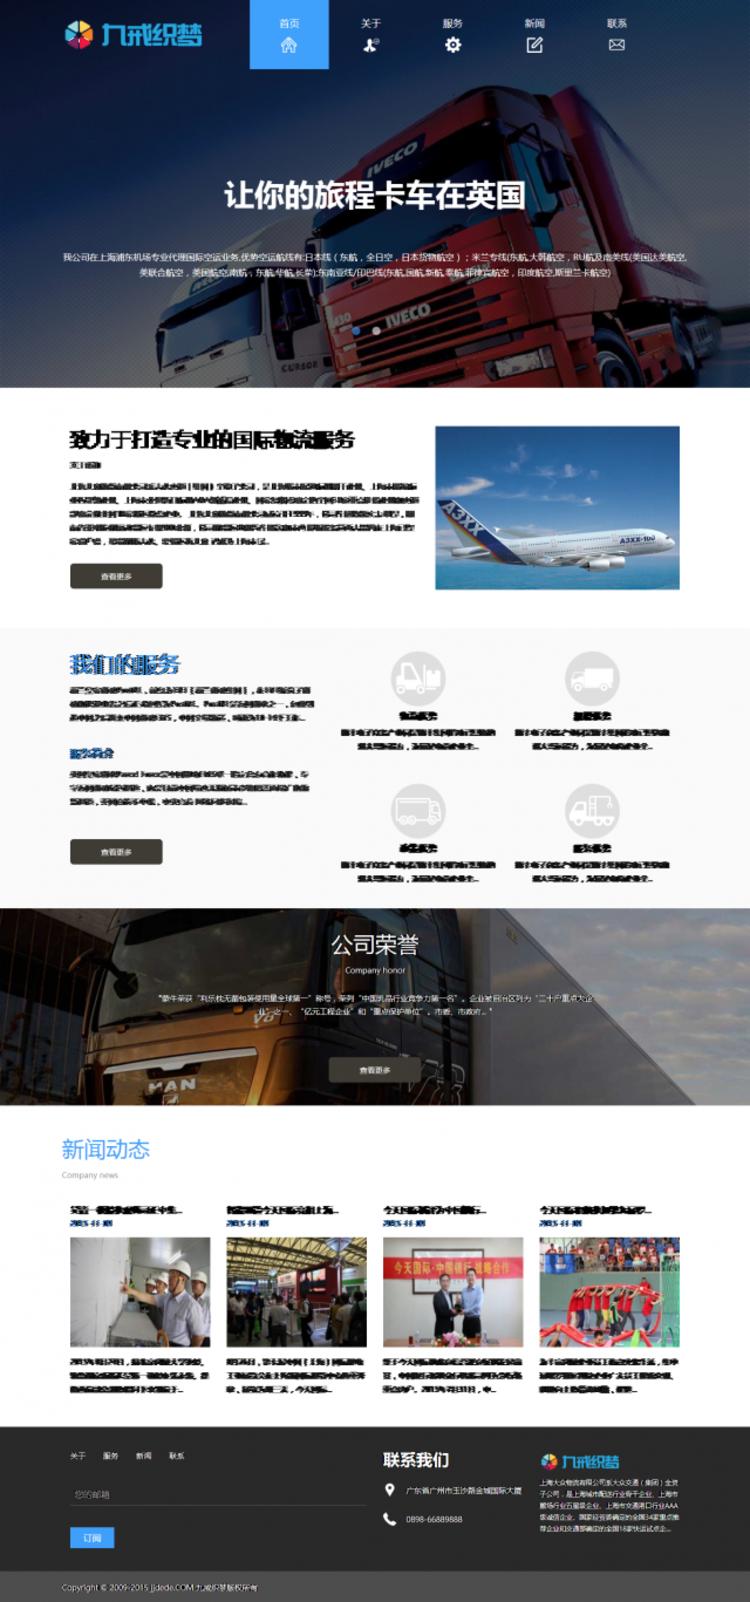 HTML5自适应响应式国际货运物流公司网站织梦模板电脑端演示